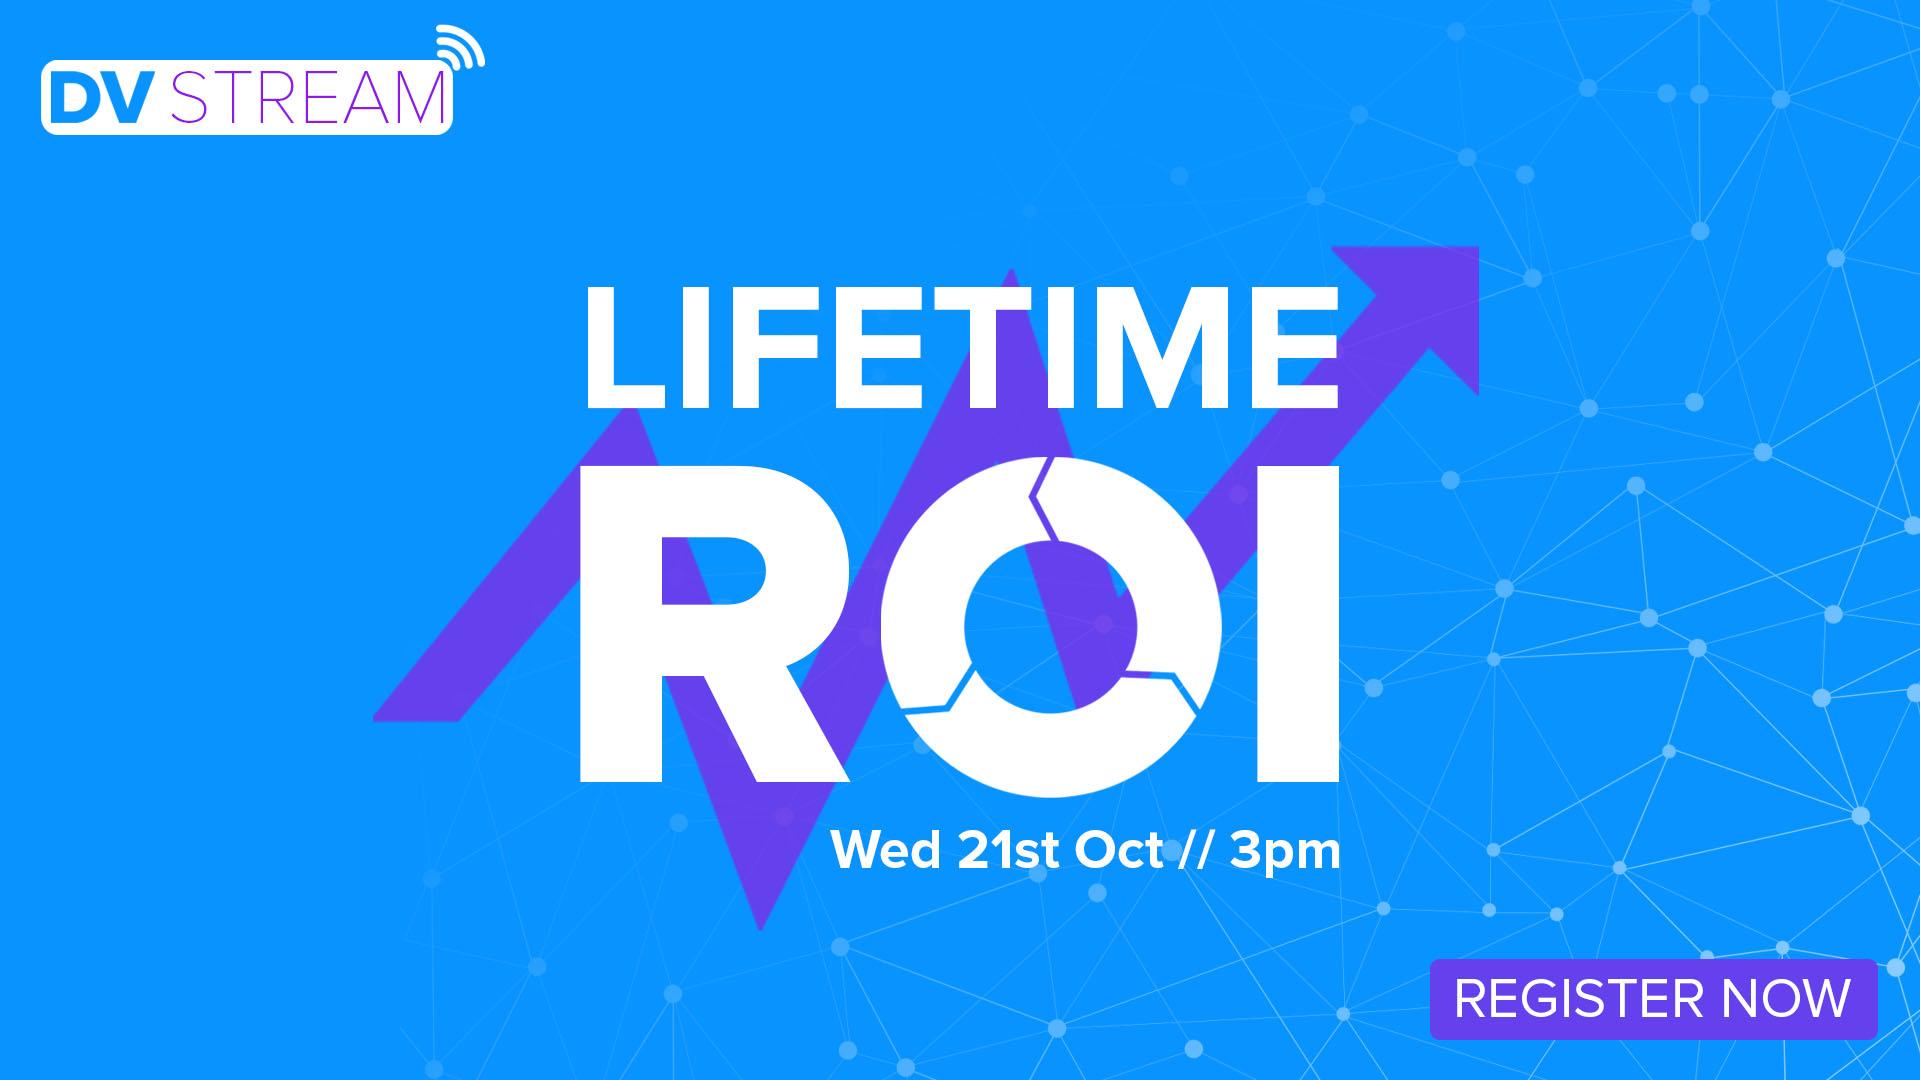 Customer Lifetime ROI